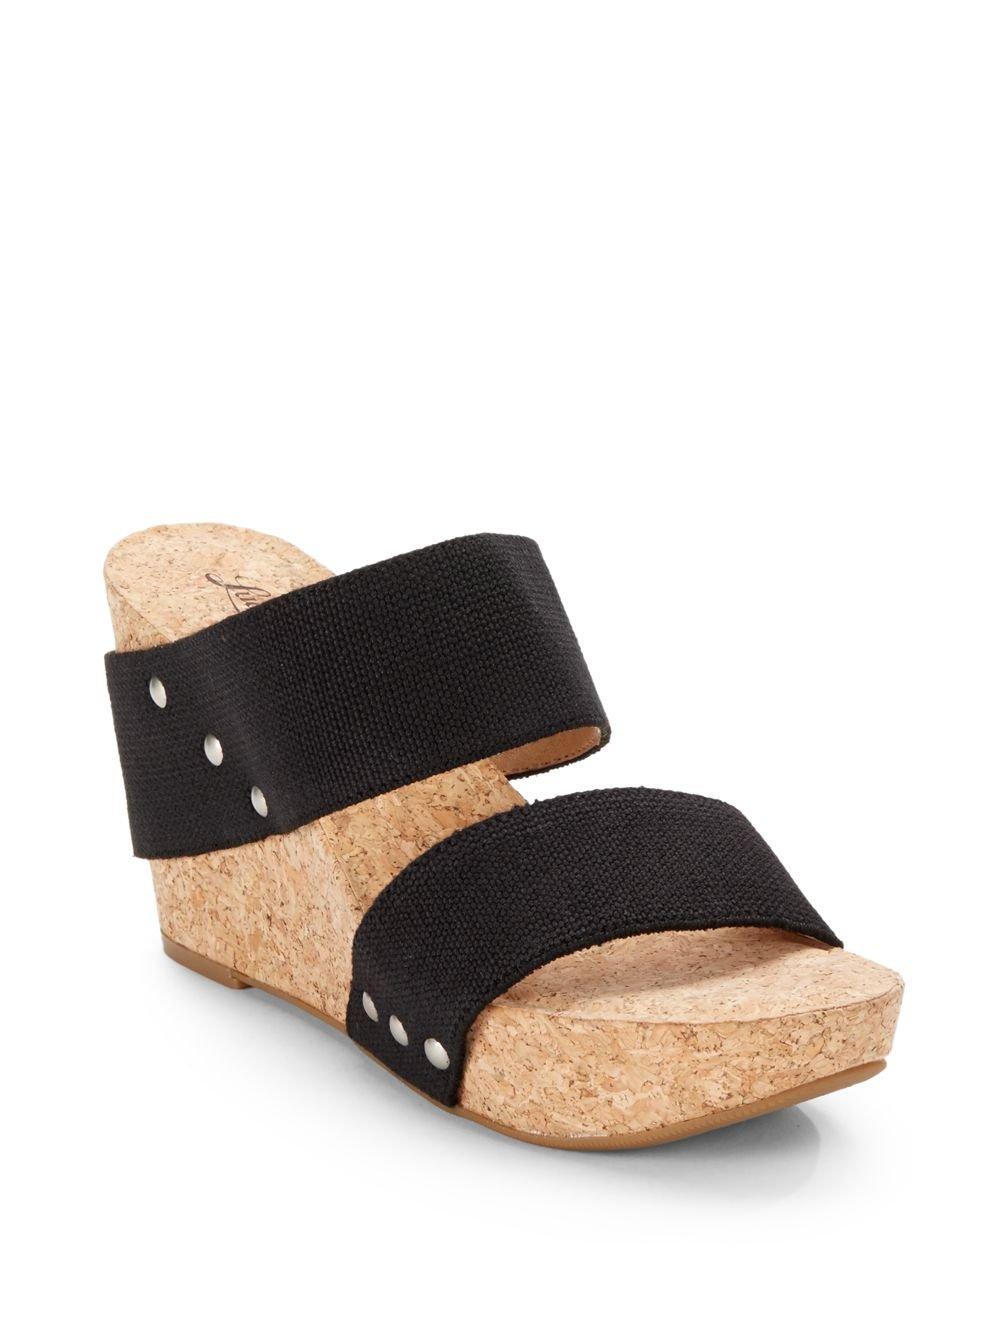 Woven Shoes Women Wedge